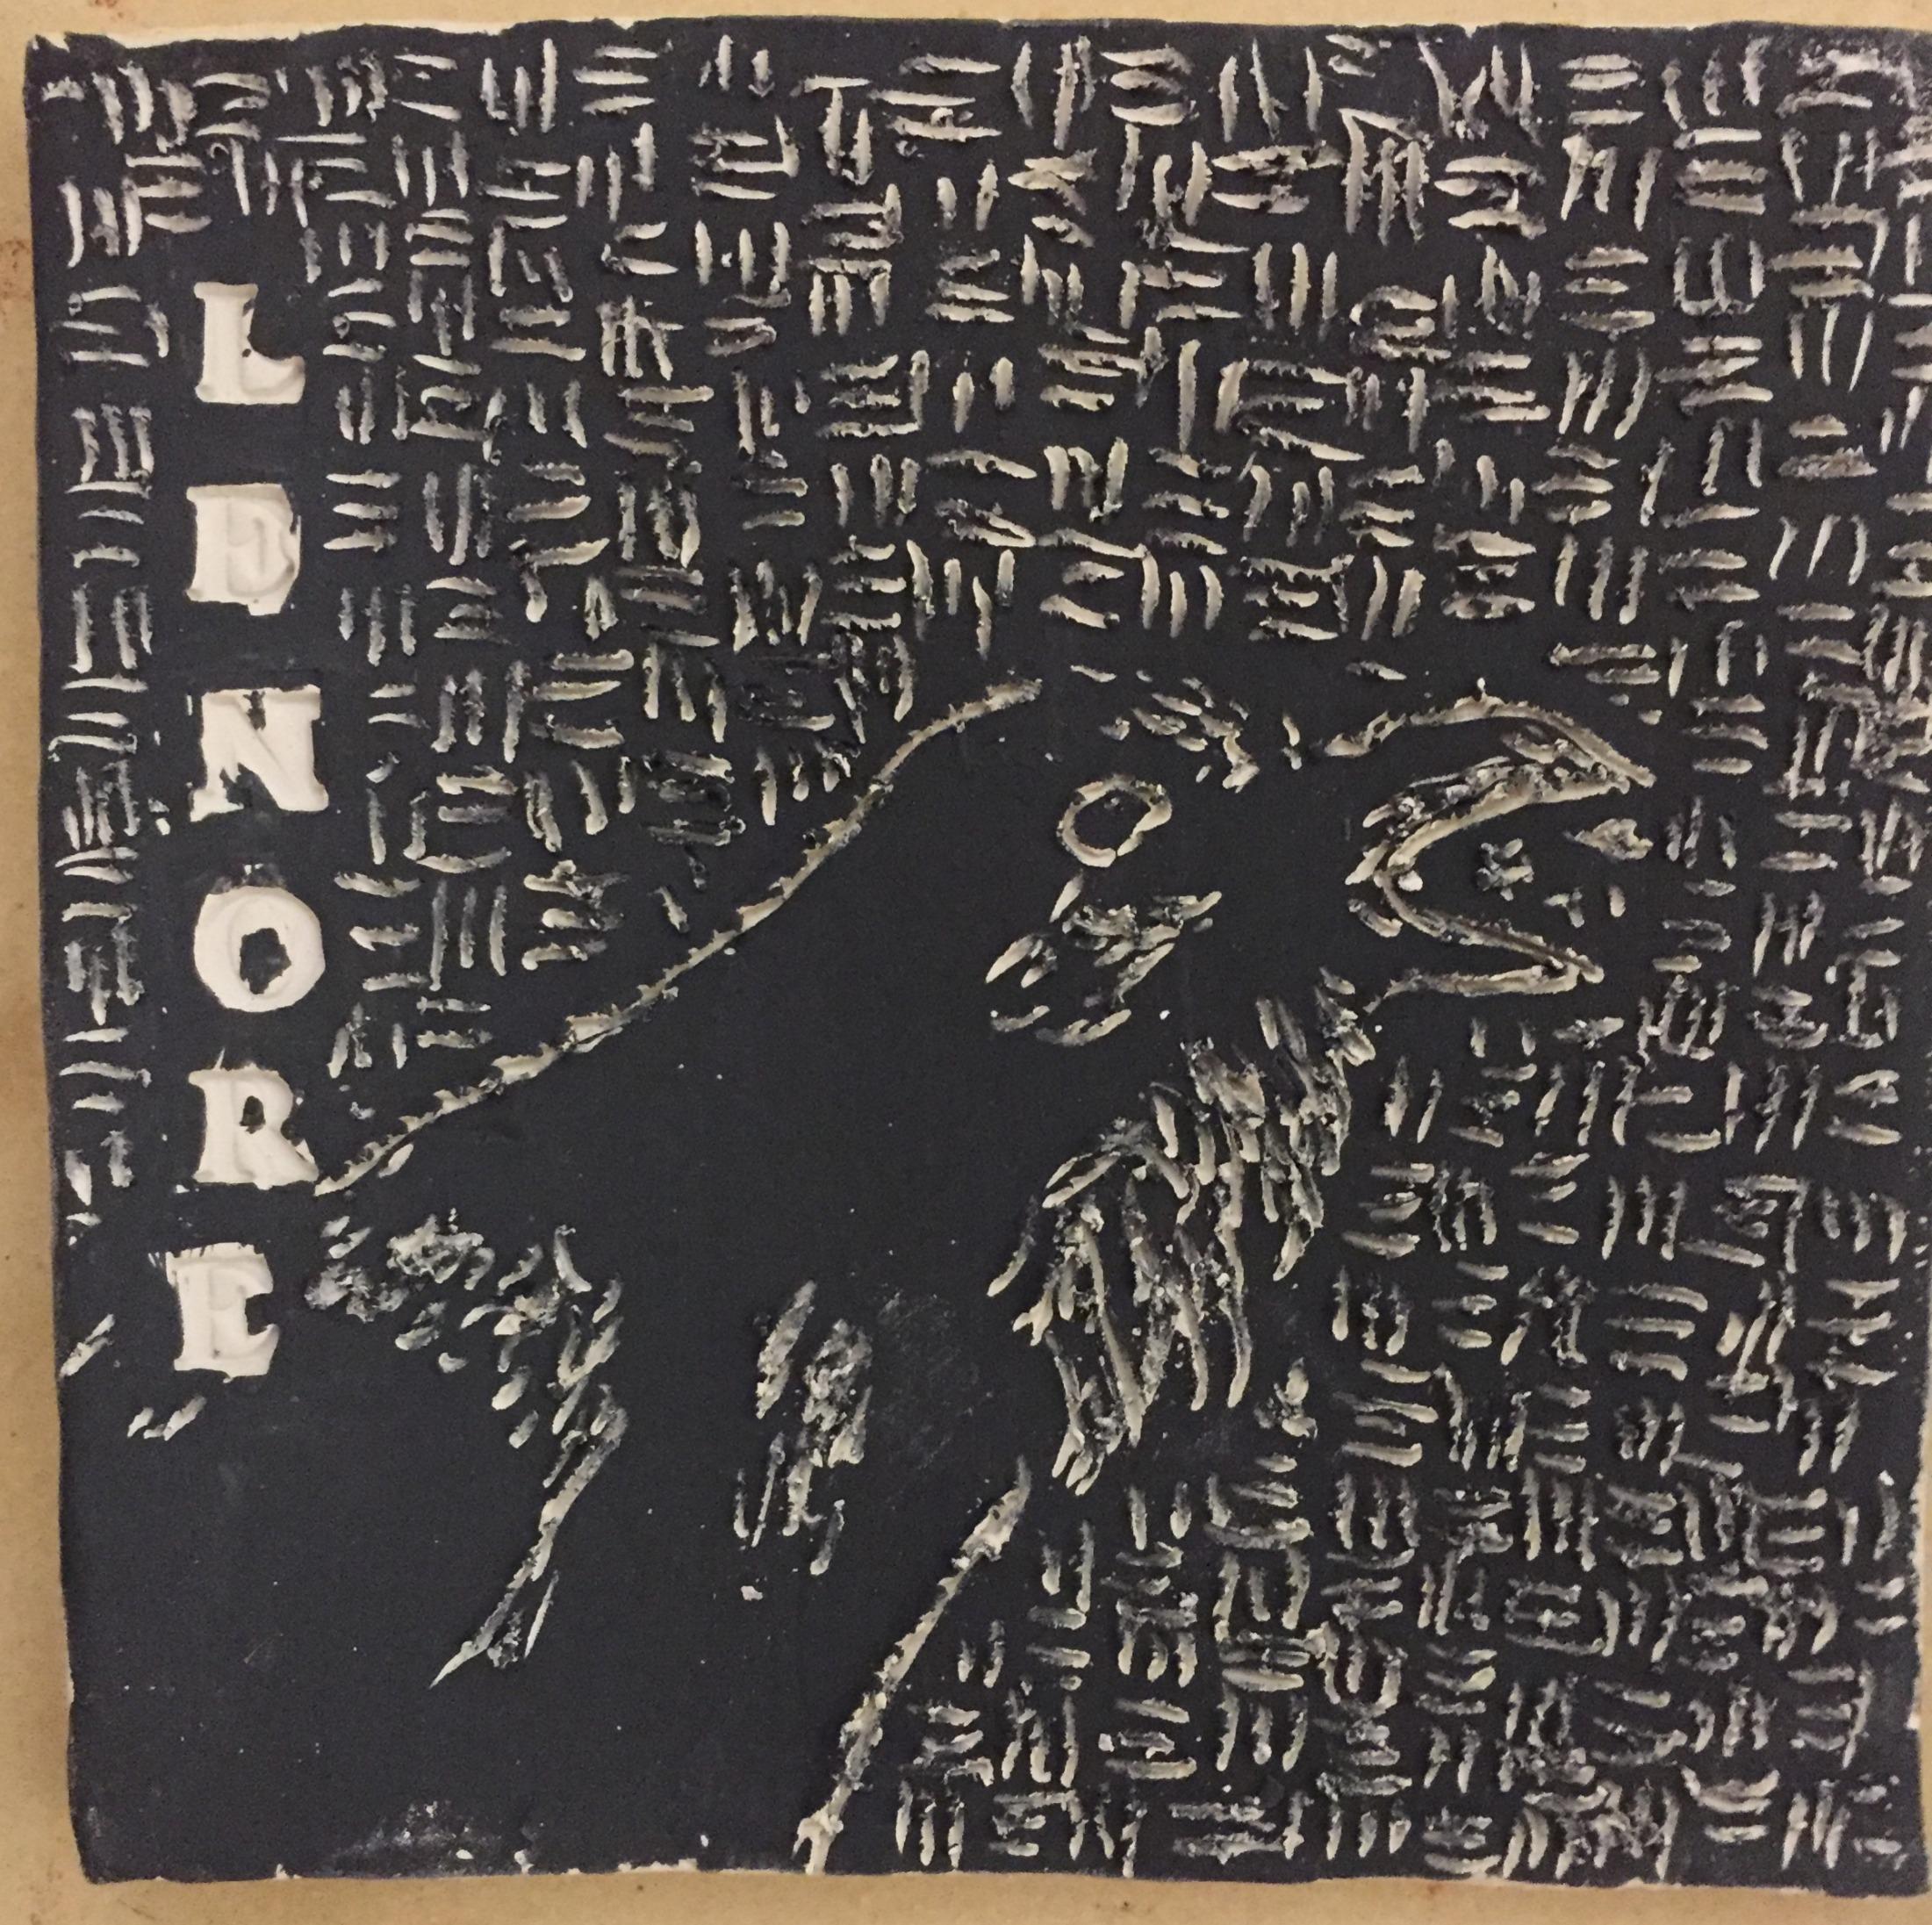 Lenore_edited